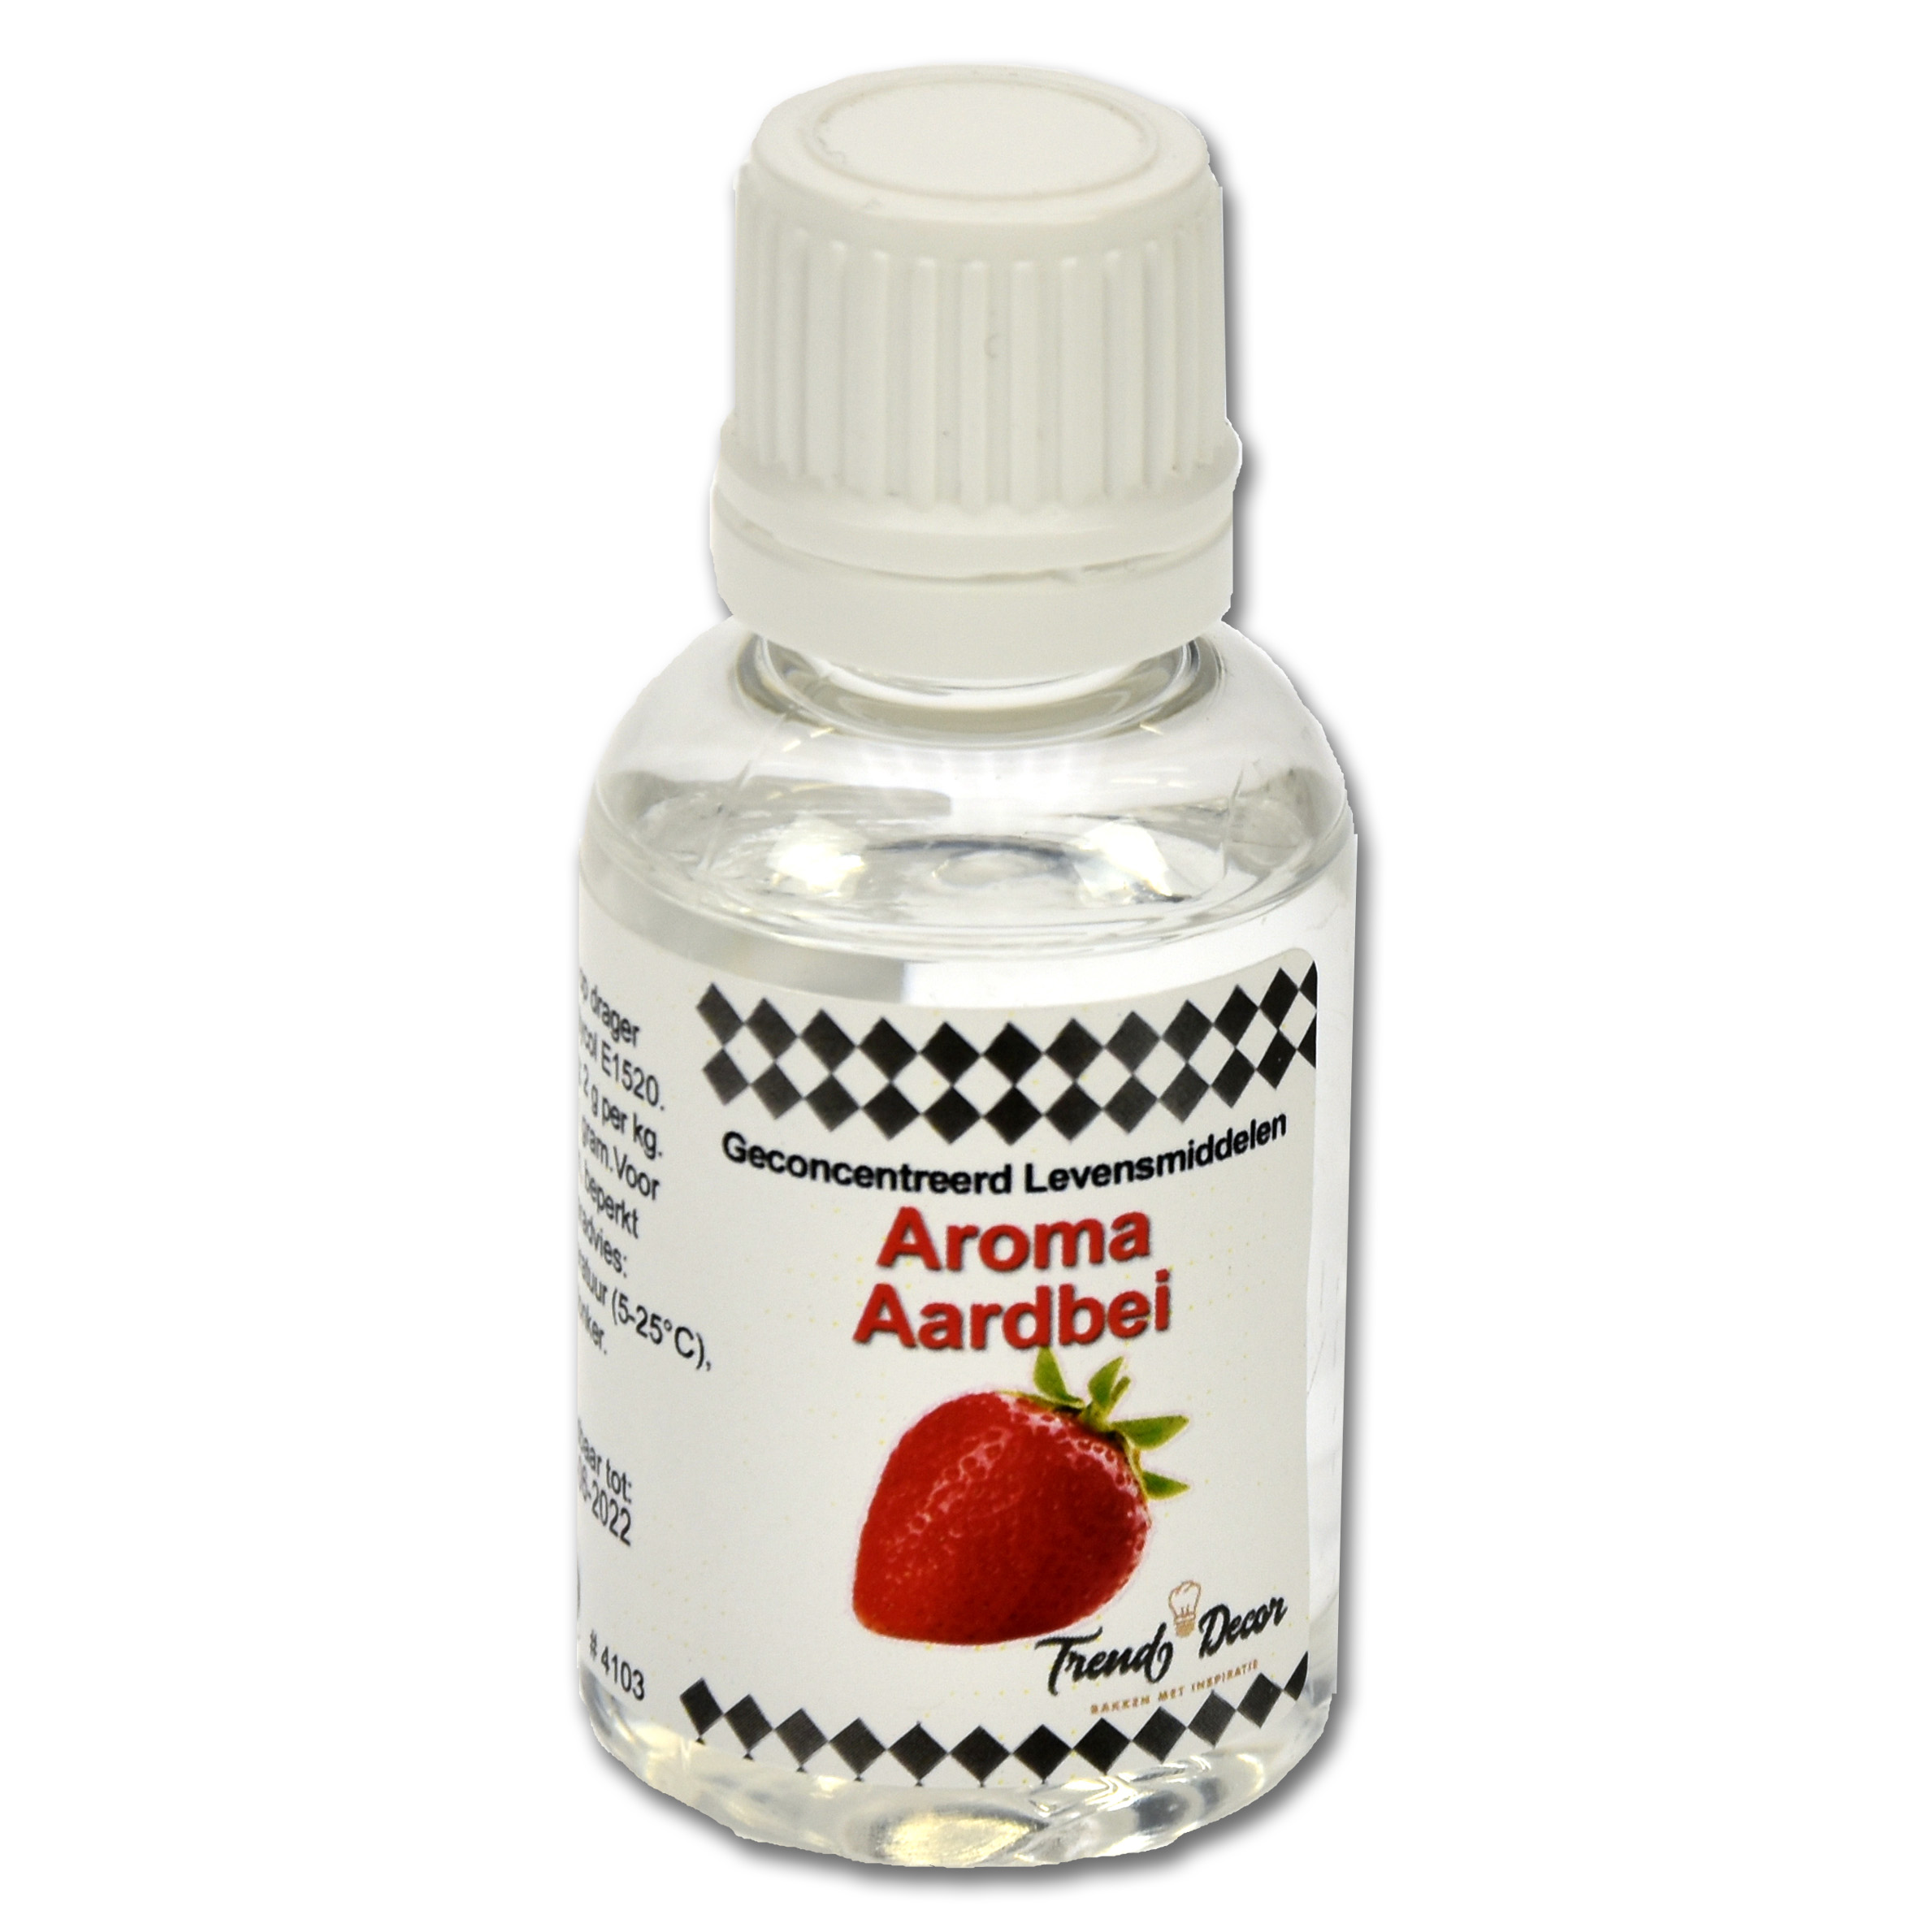 Geconcentreerd Levensmiddelen Aroma - Aardbei